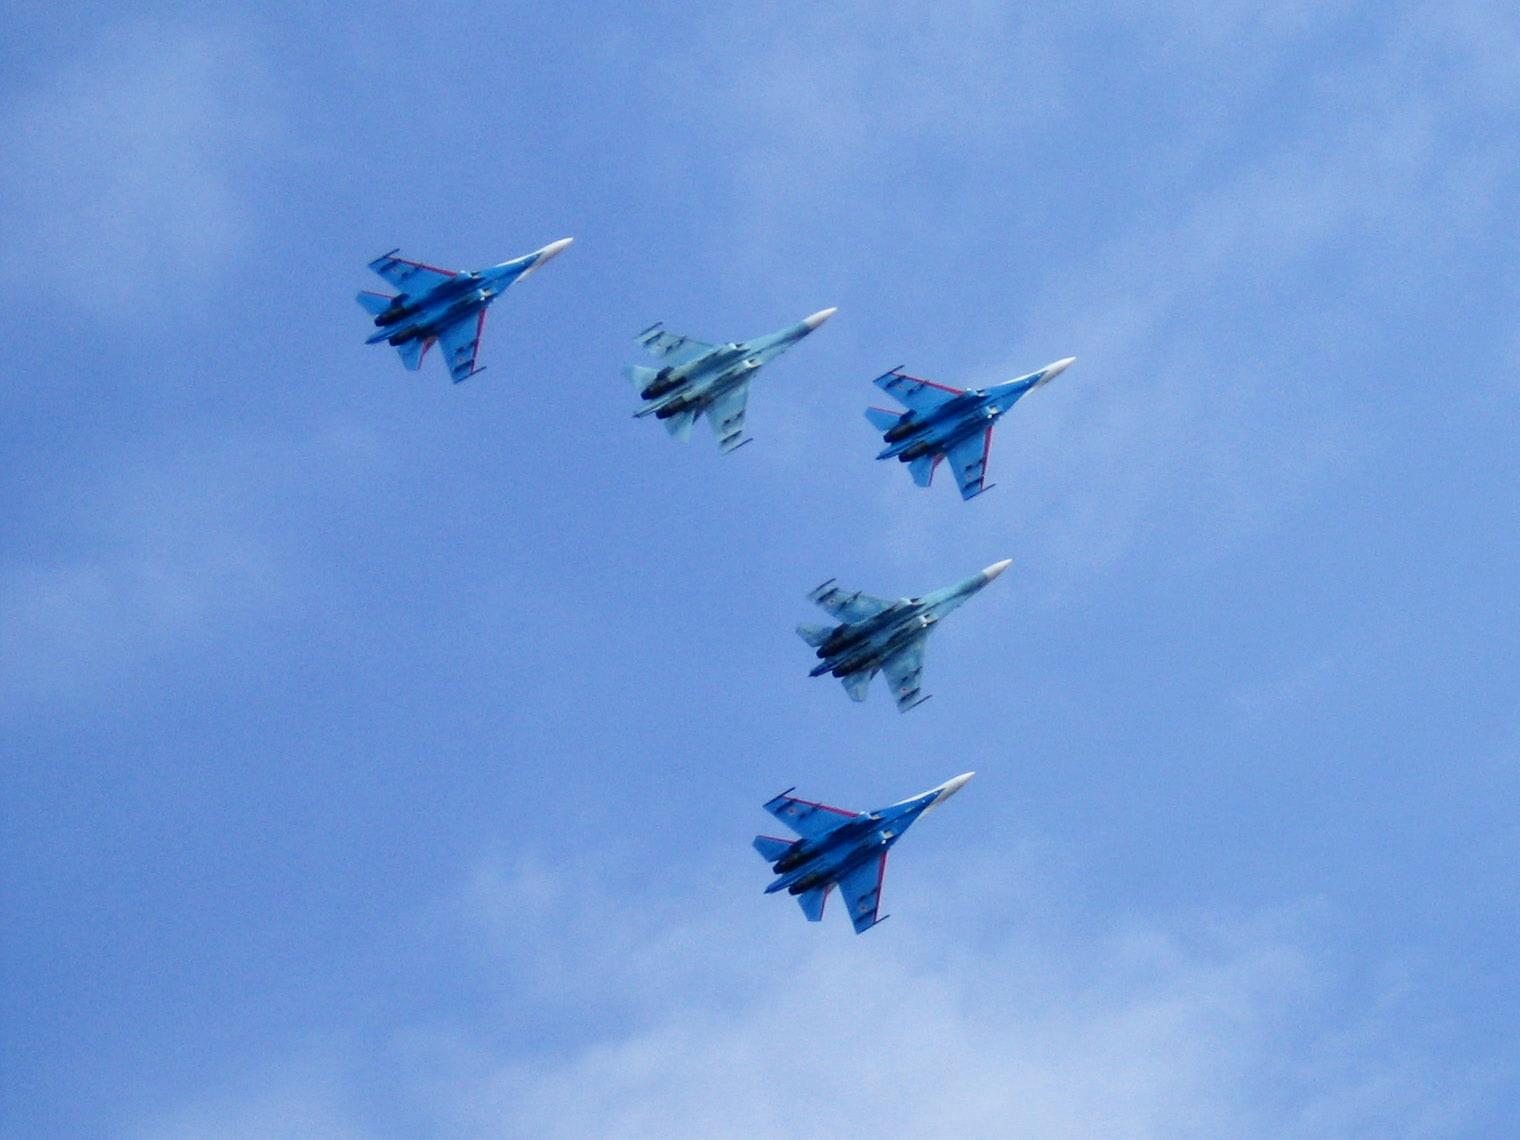 'Стрижи 'в небе. Блиц: синее и голубое